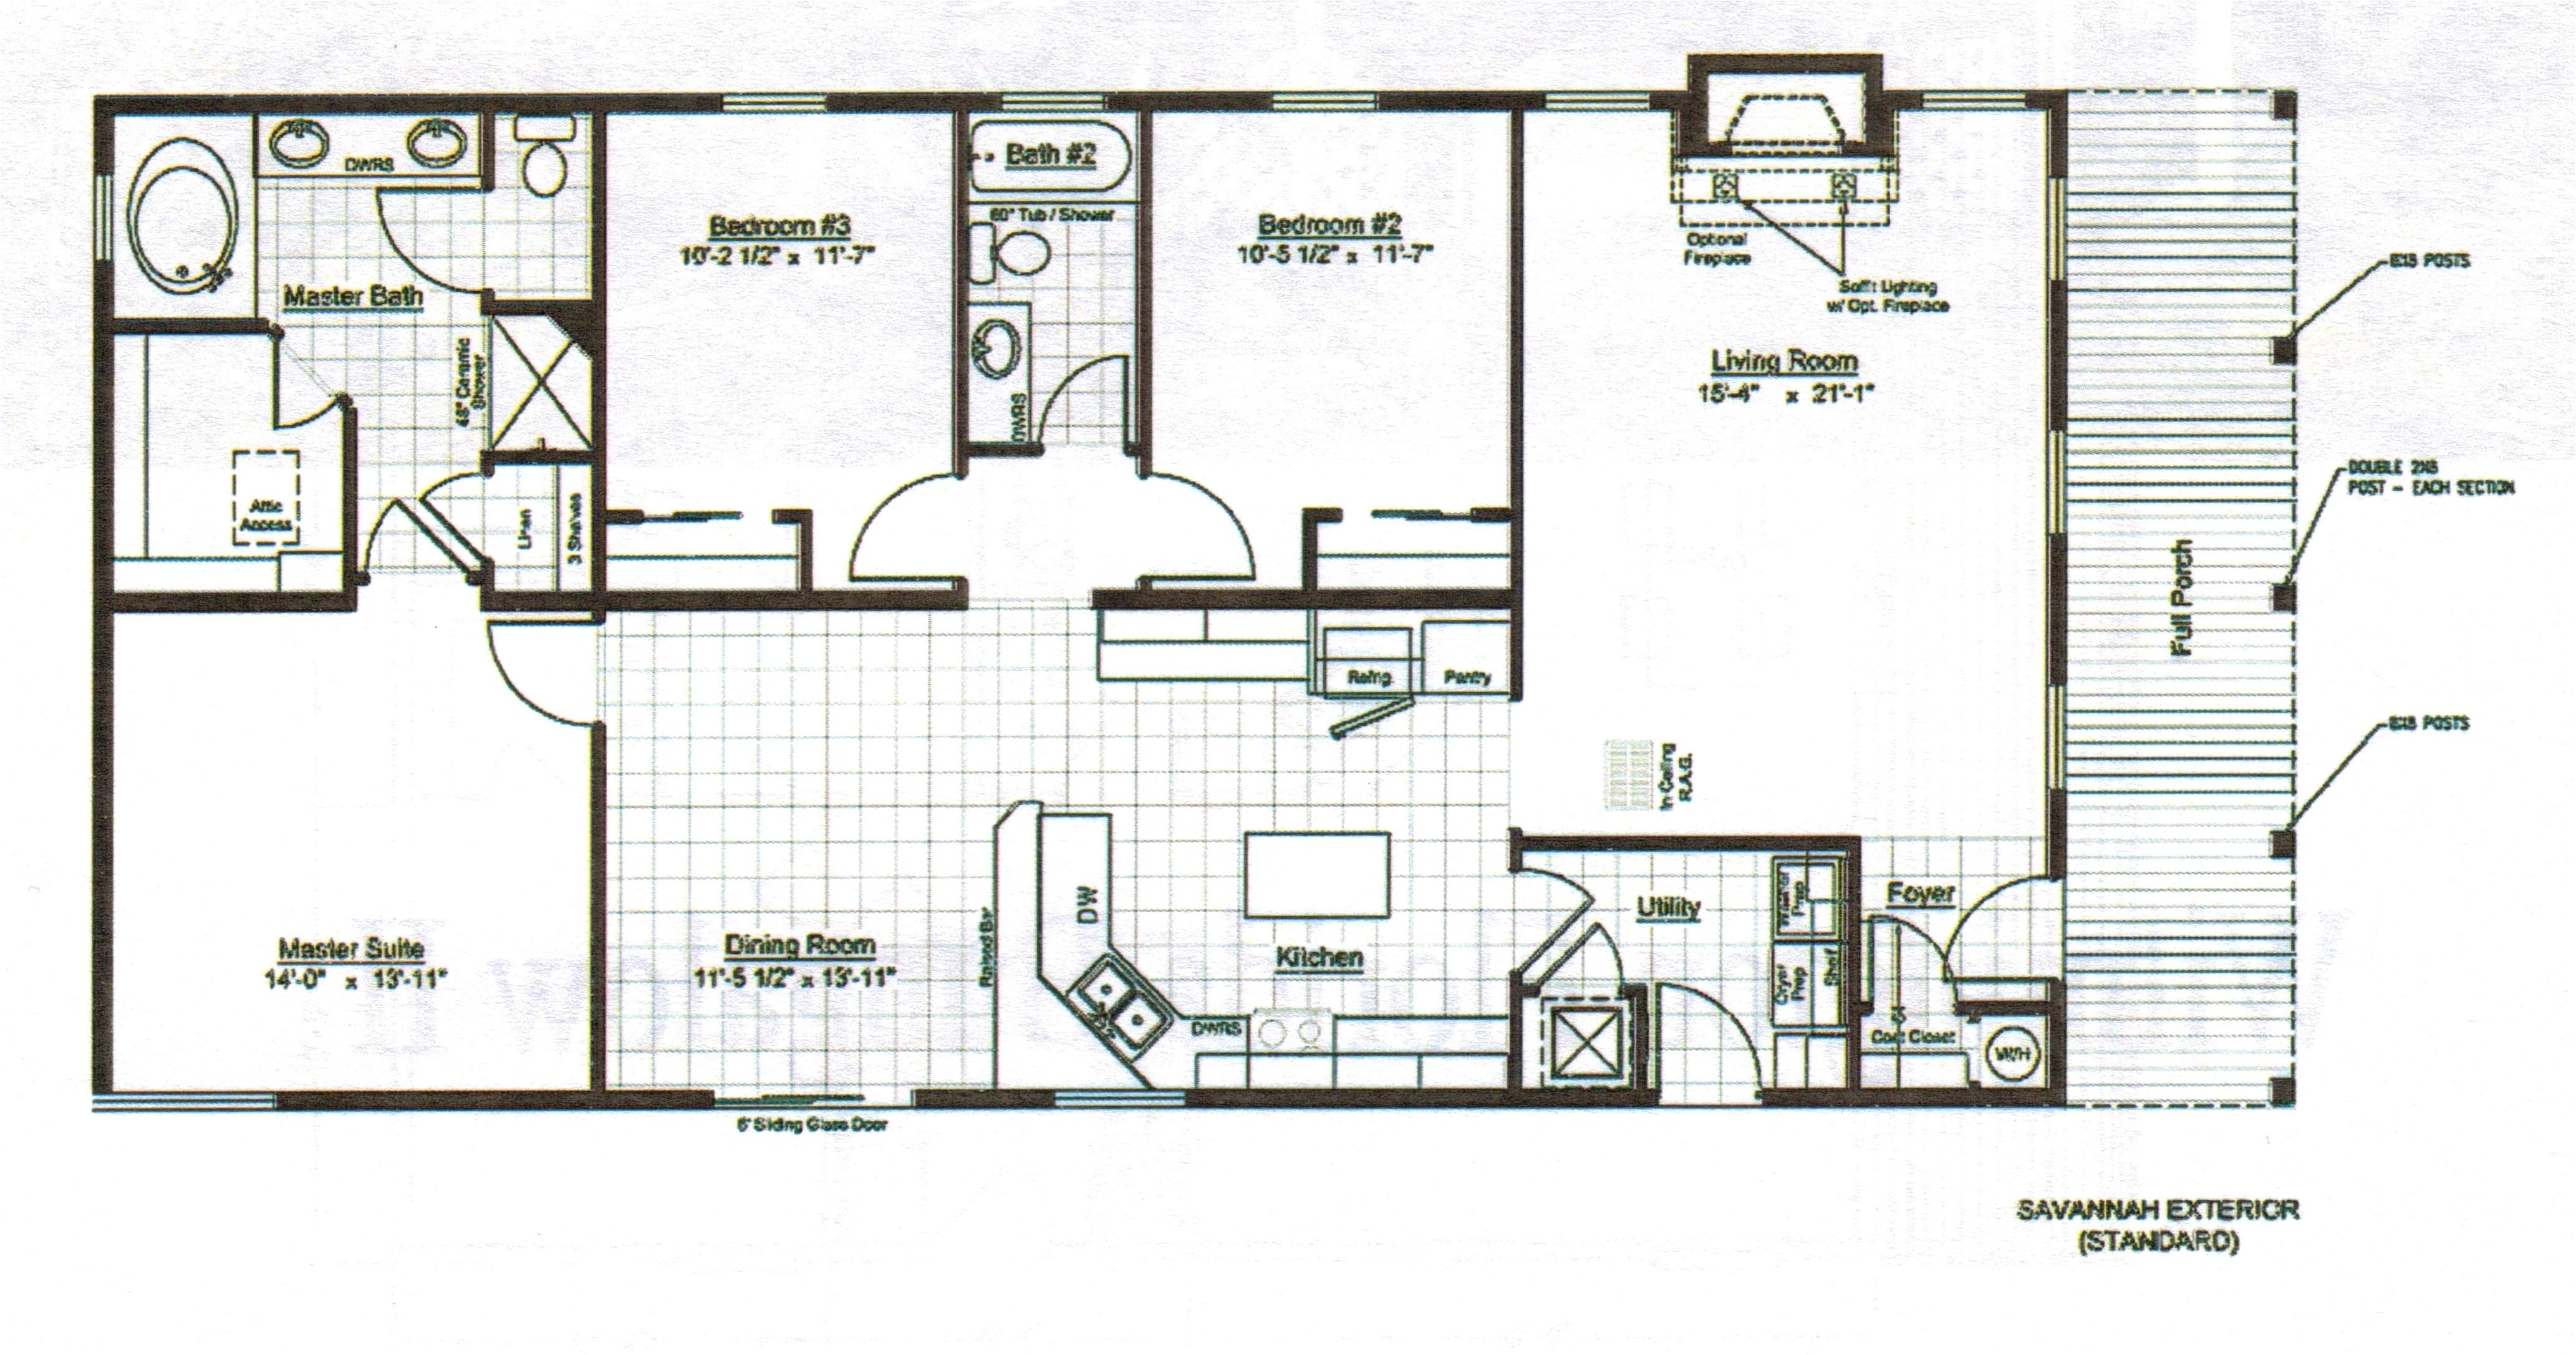 steel home floor plans texas